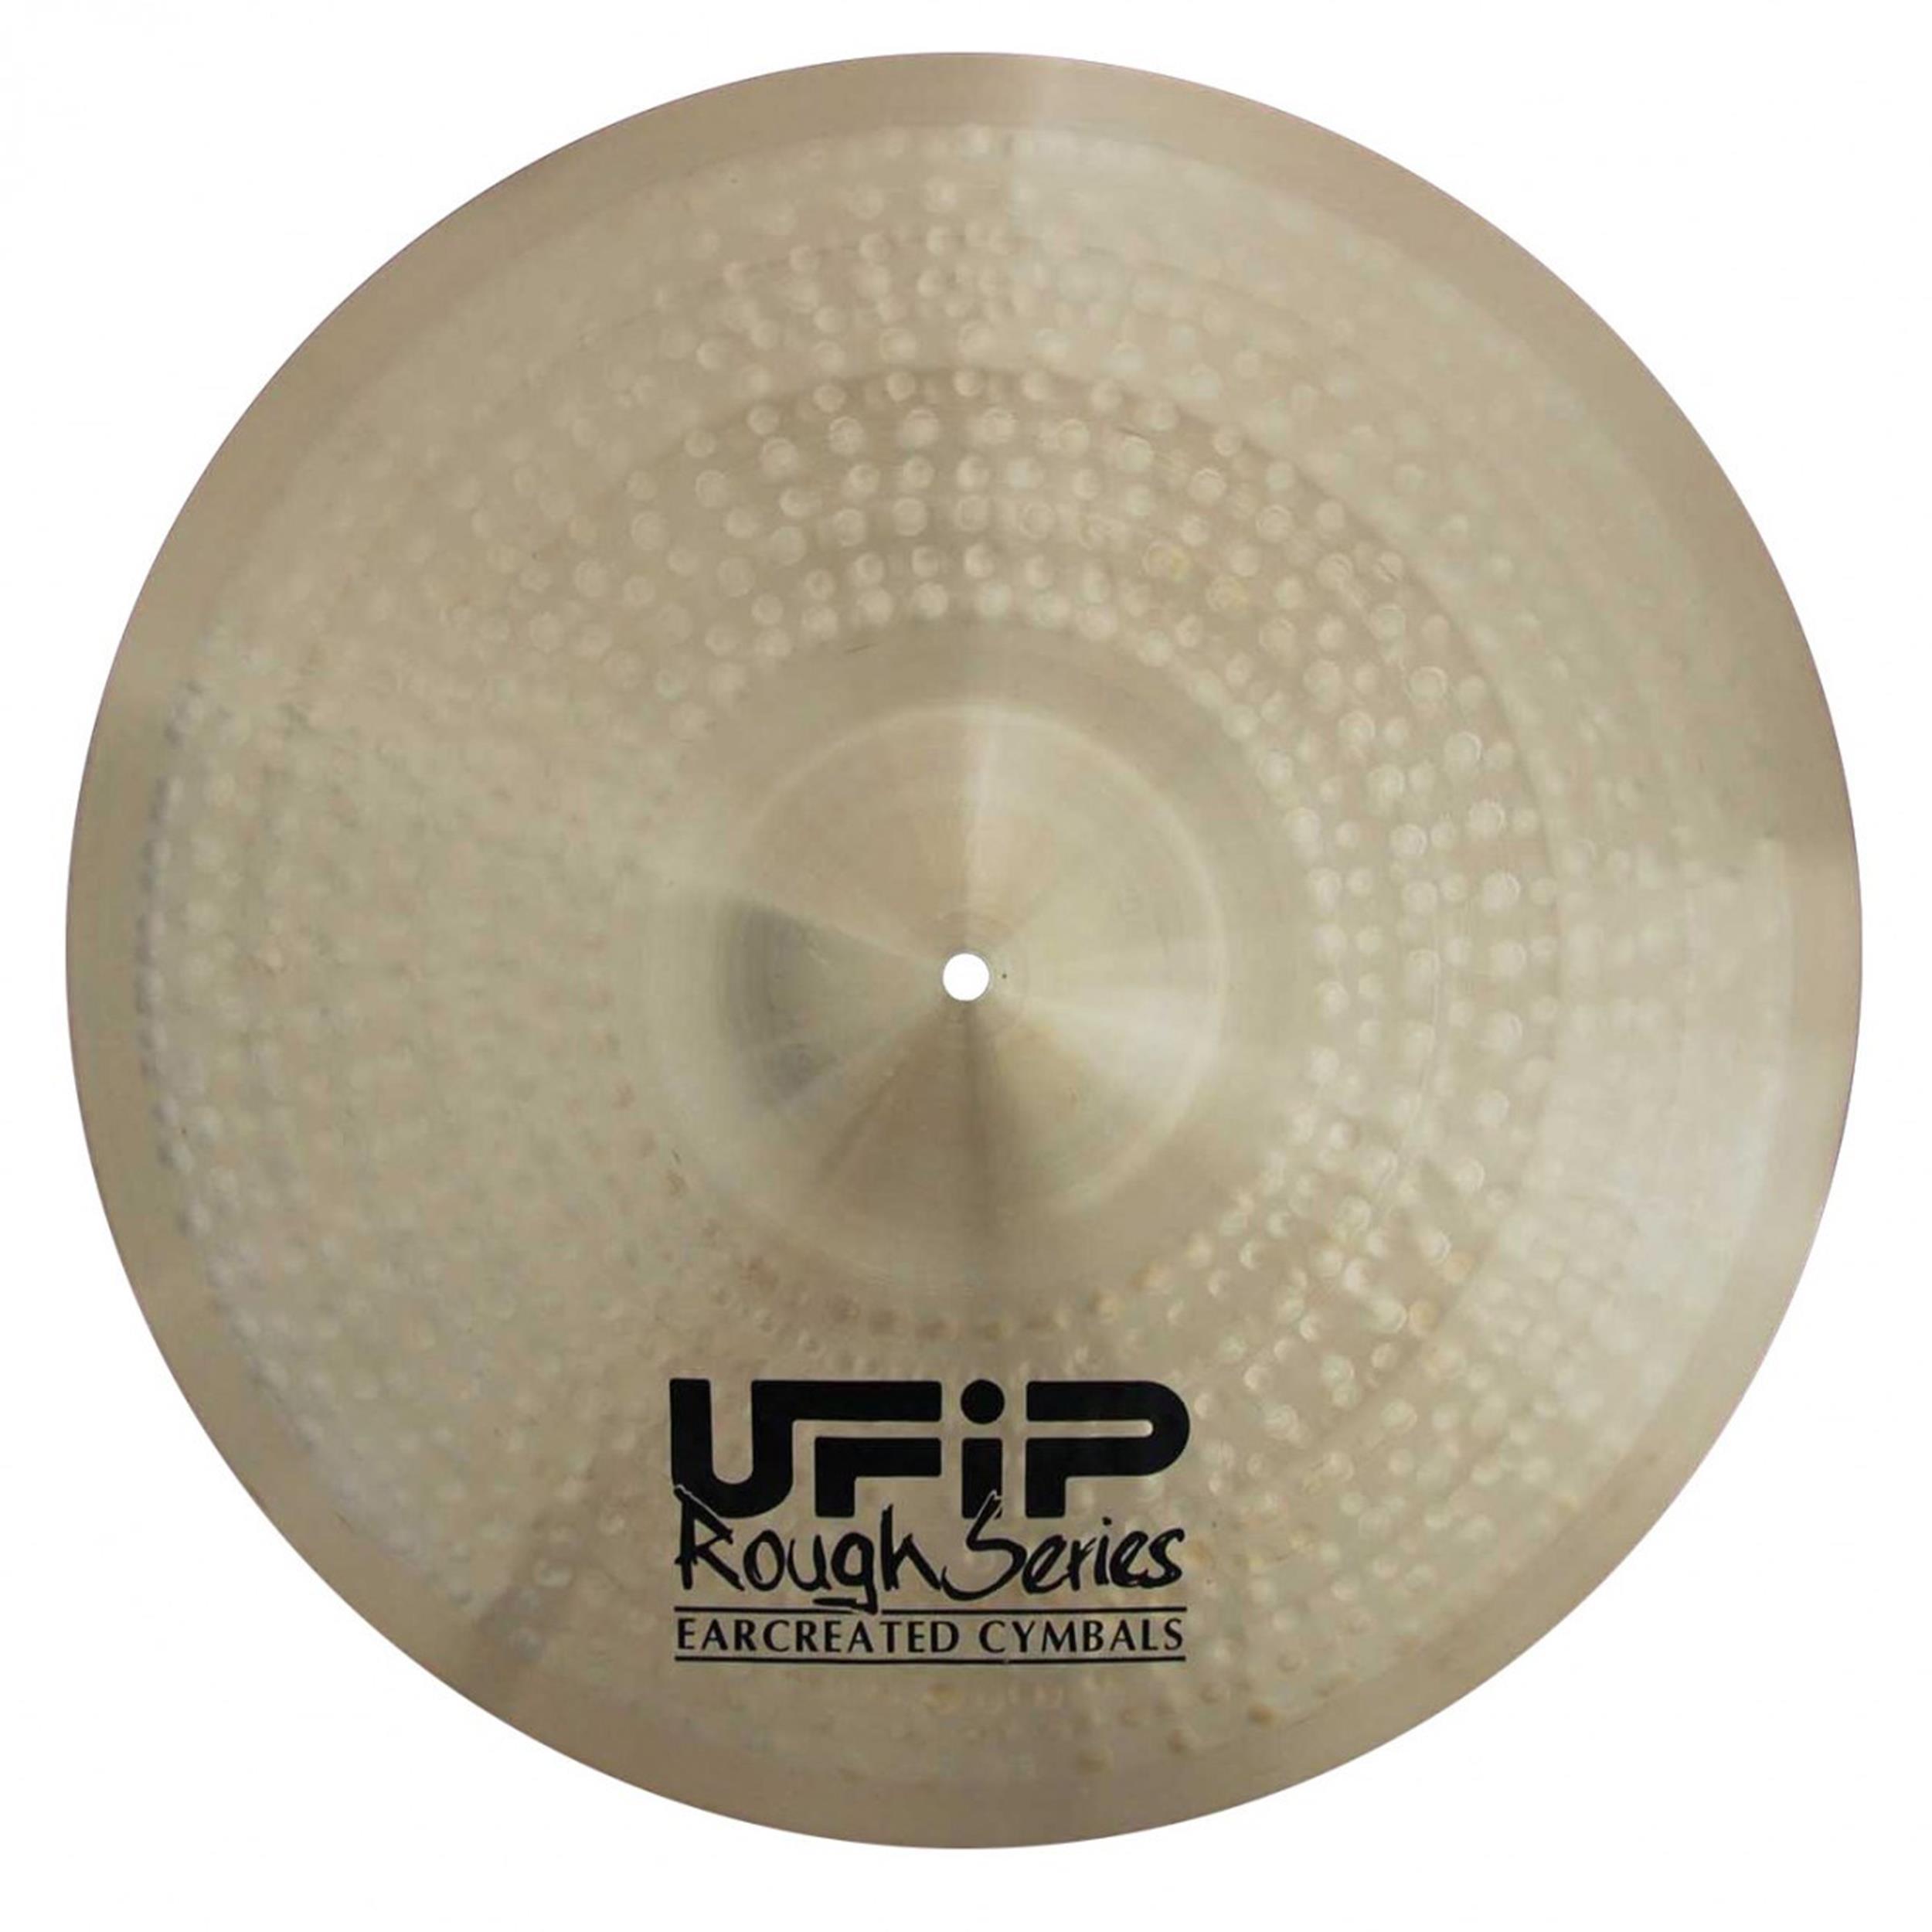 UFIP-ROUGH-CRASH-16-sku-1757